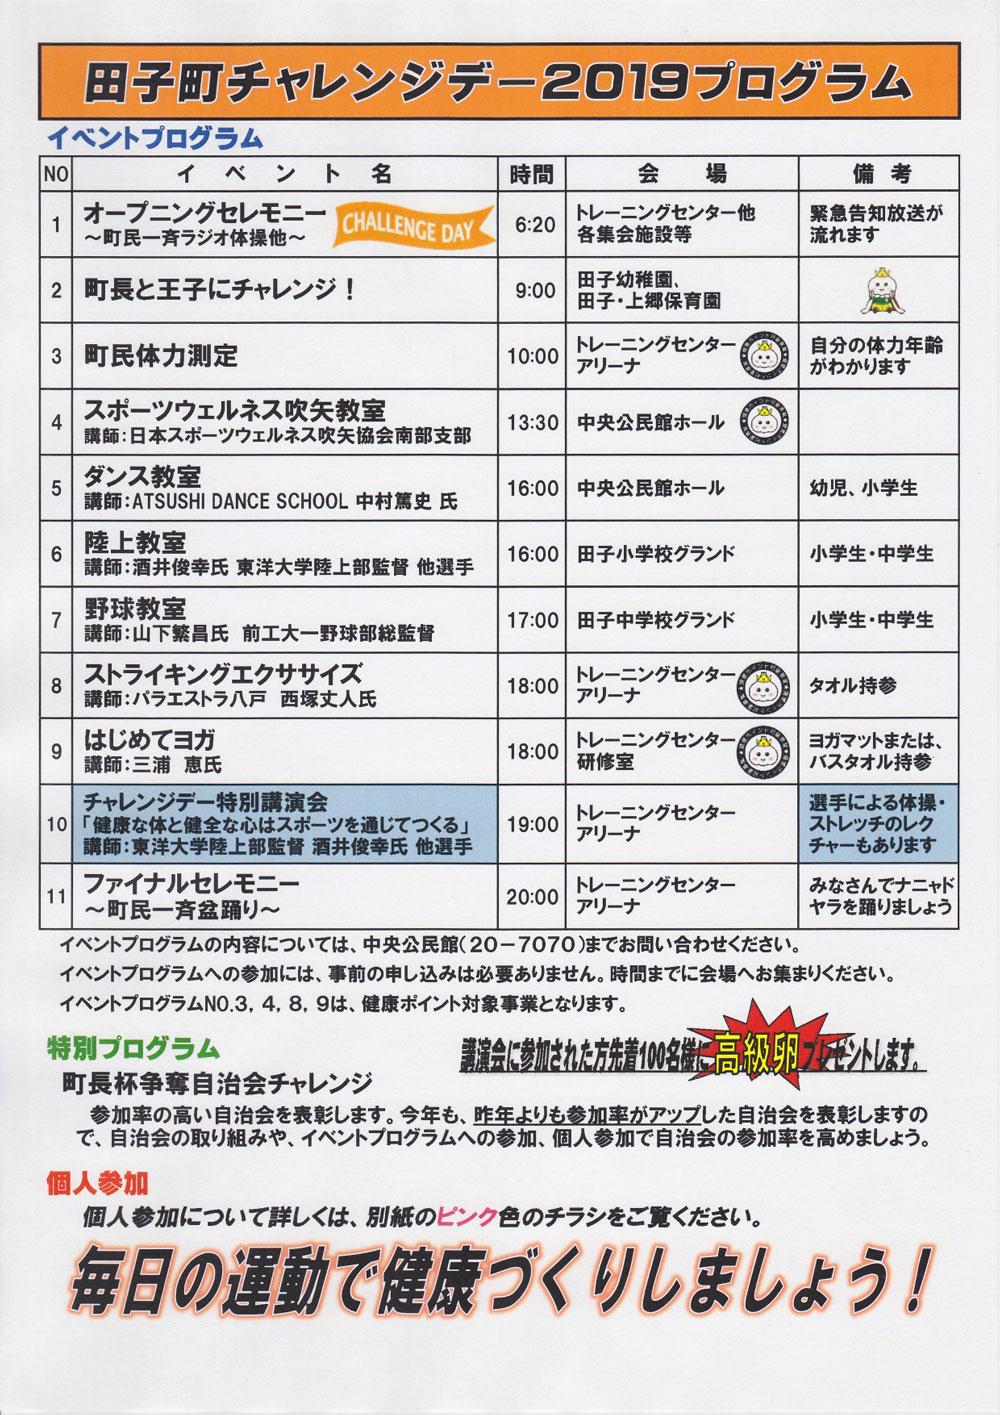 田子町チャレンジデー 2019 プログラム